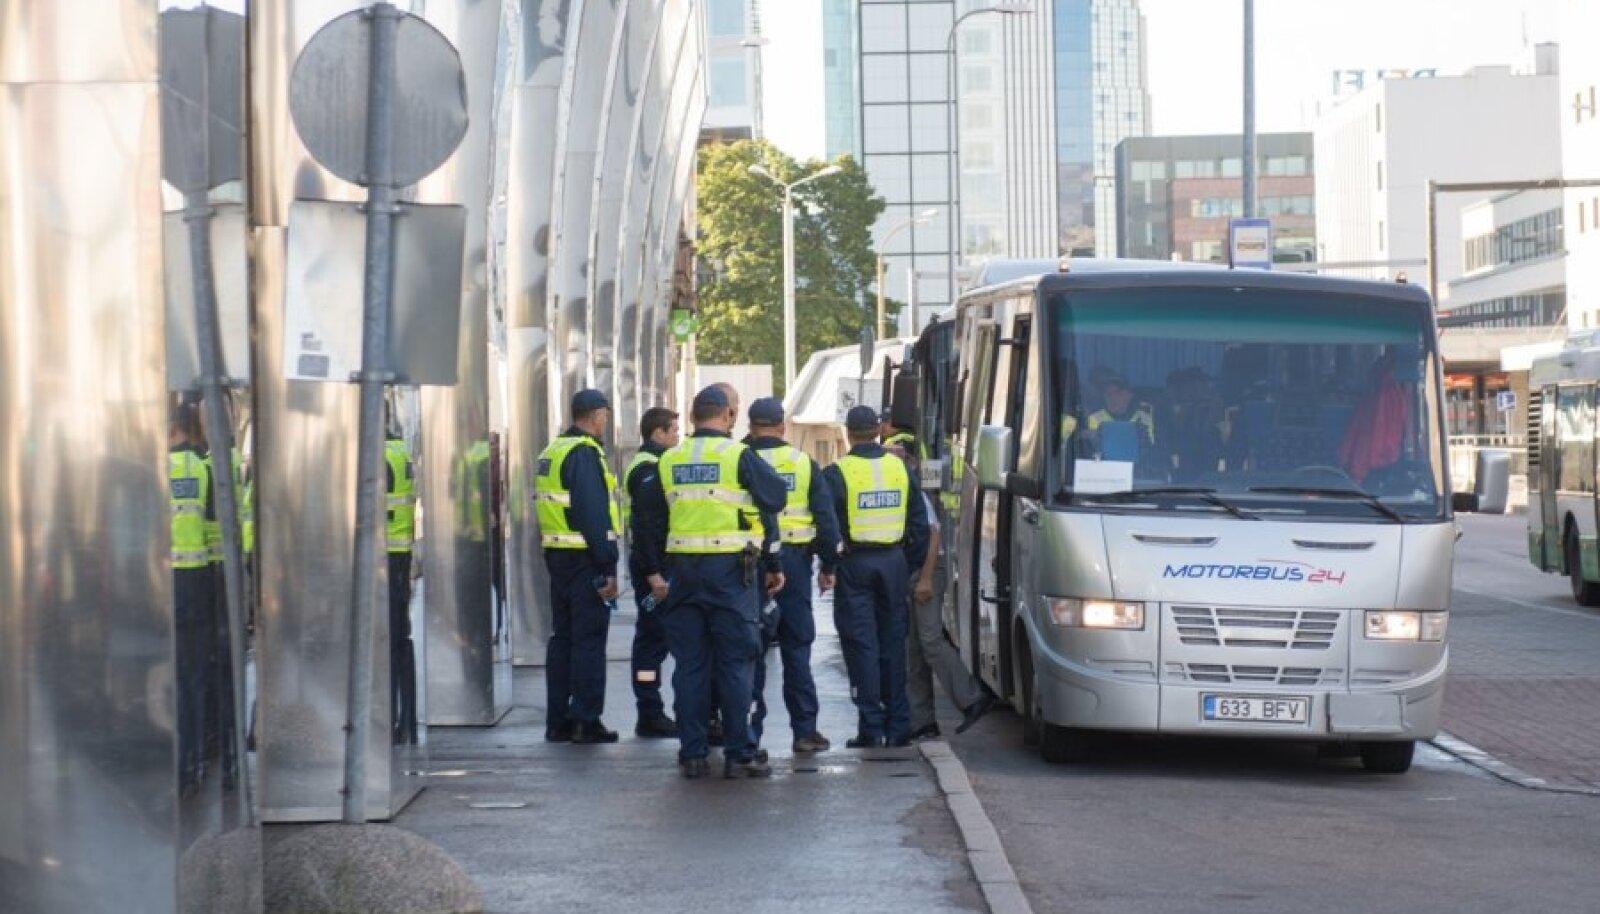 Sisekaitseakadeemia politseikadetid ja Lõuna prefektuuri politseinikud valmistumas Obama visiidiks Tallinnas